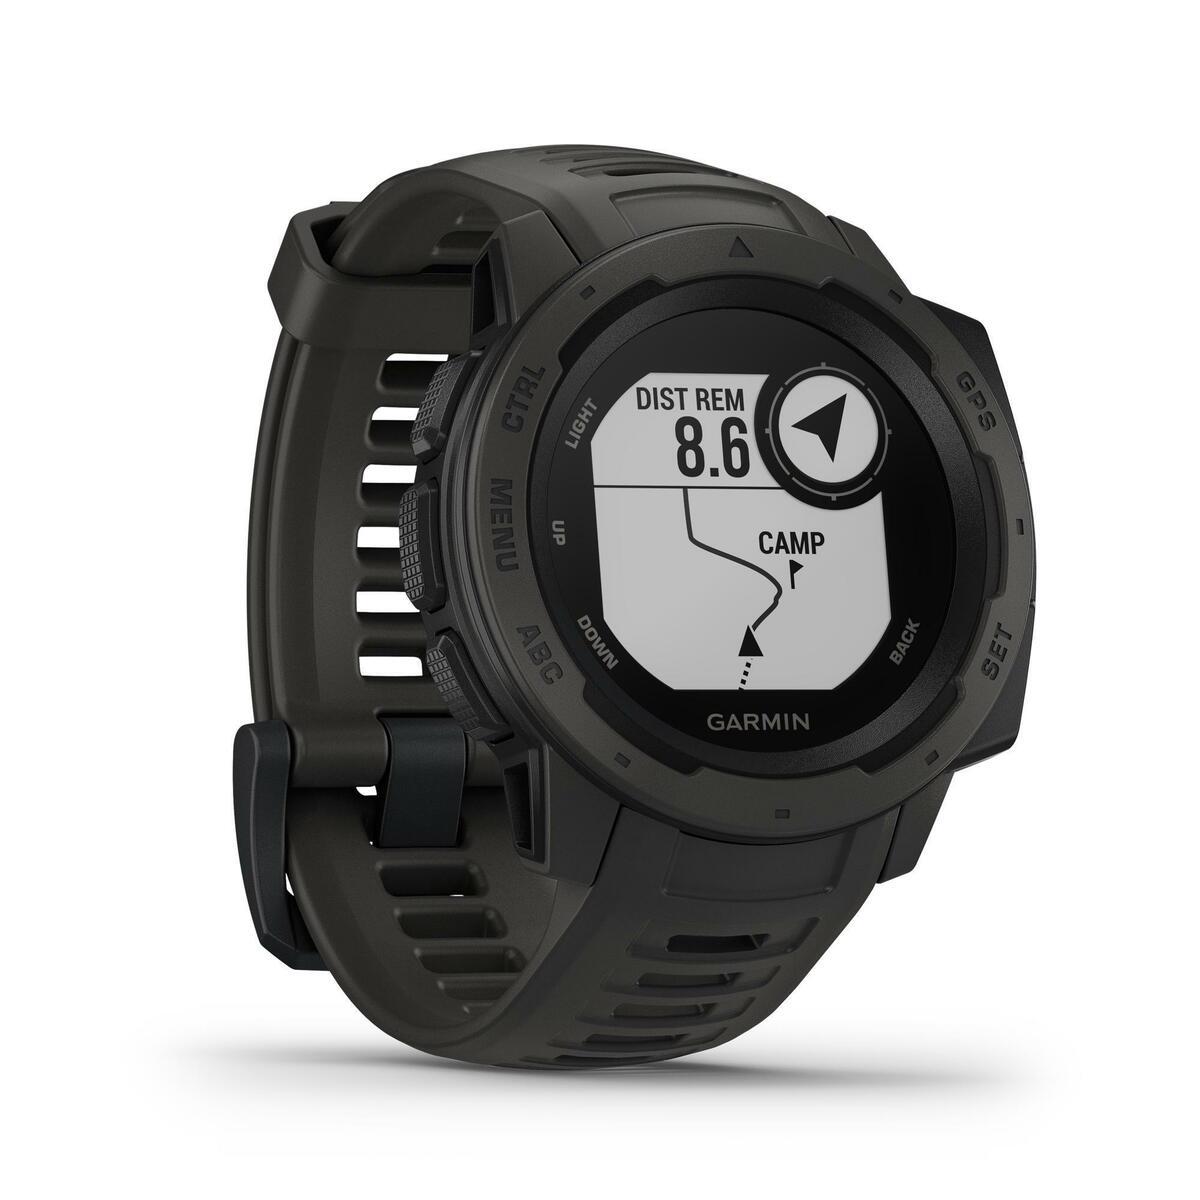 Bild 2 von GPS-Uhr Multisport Instinct